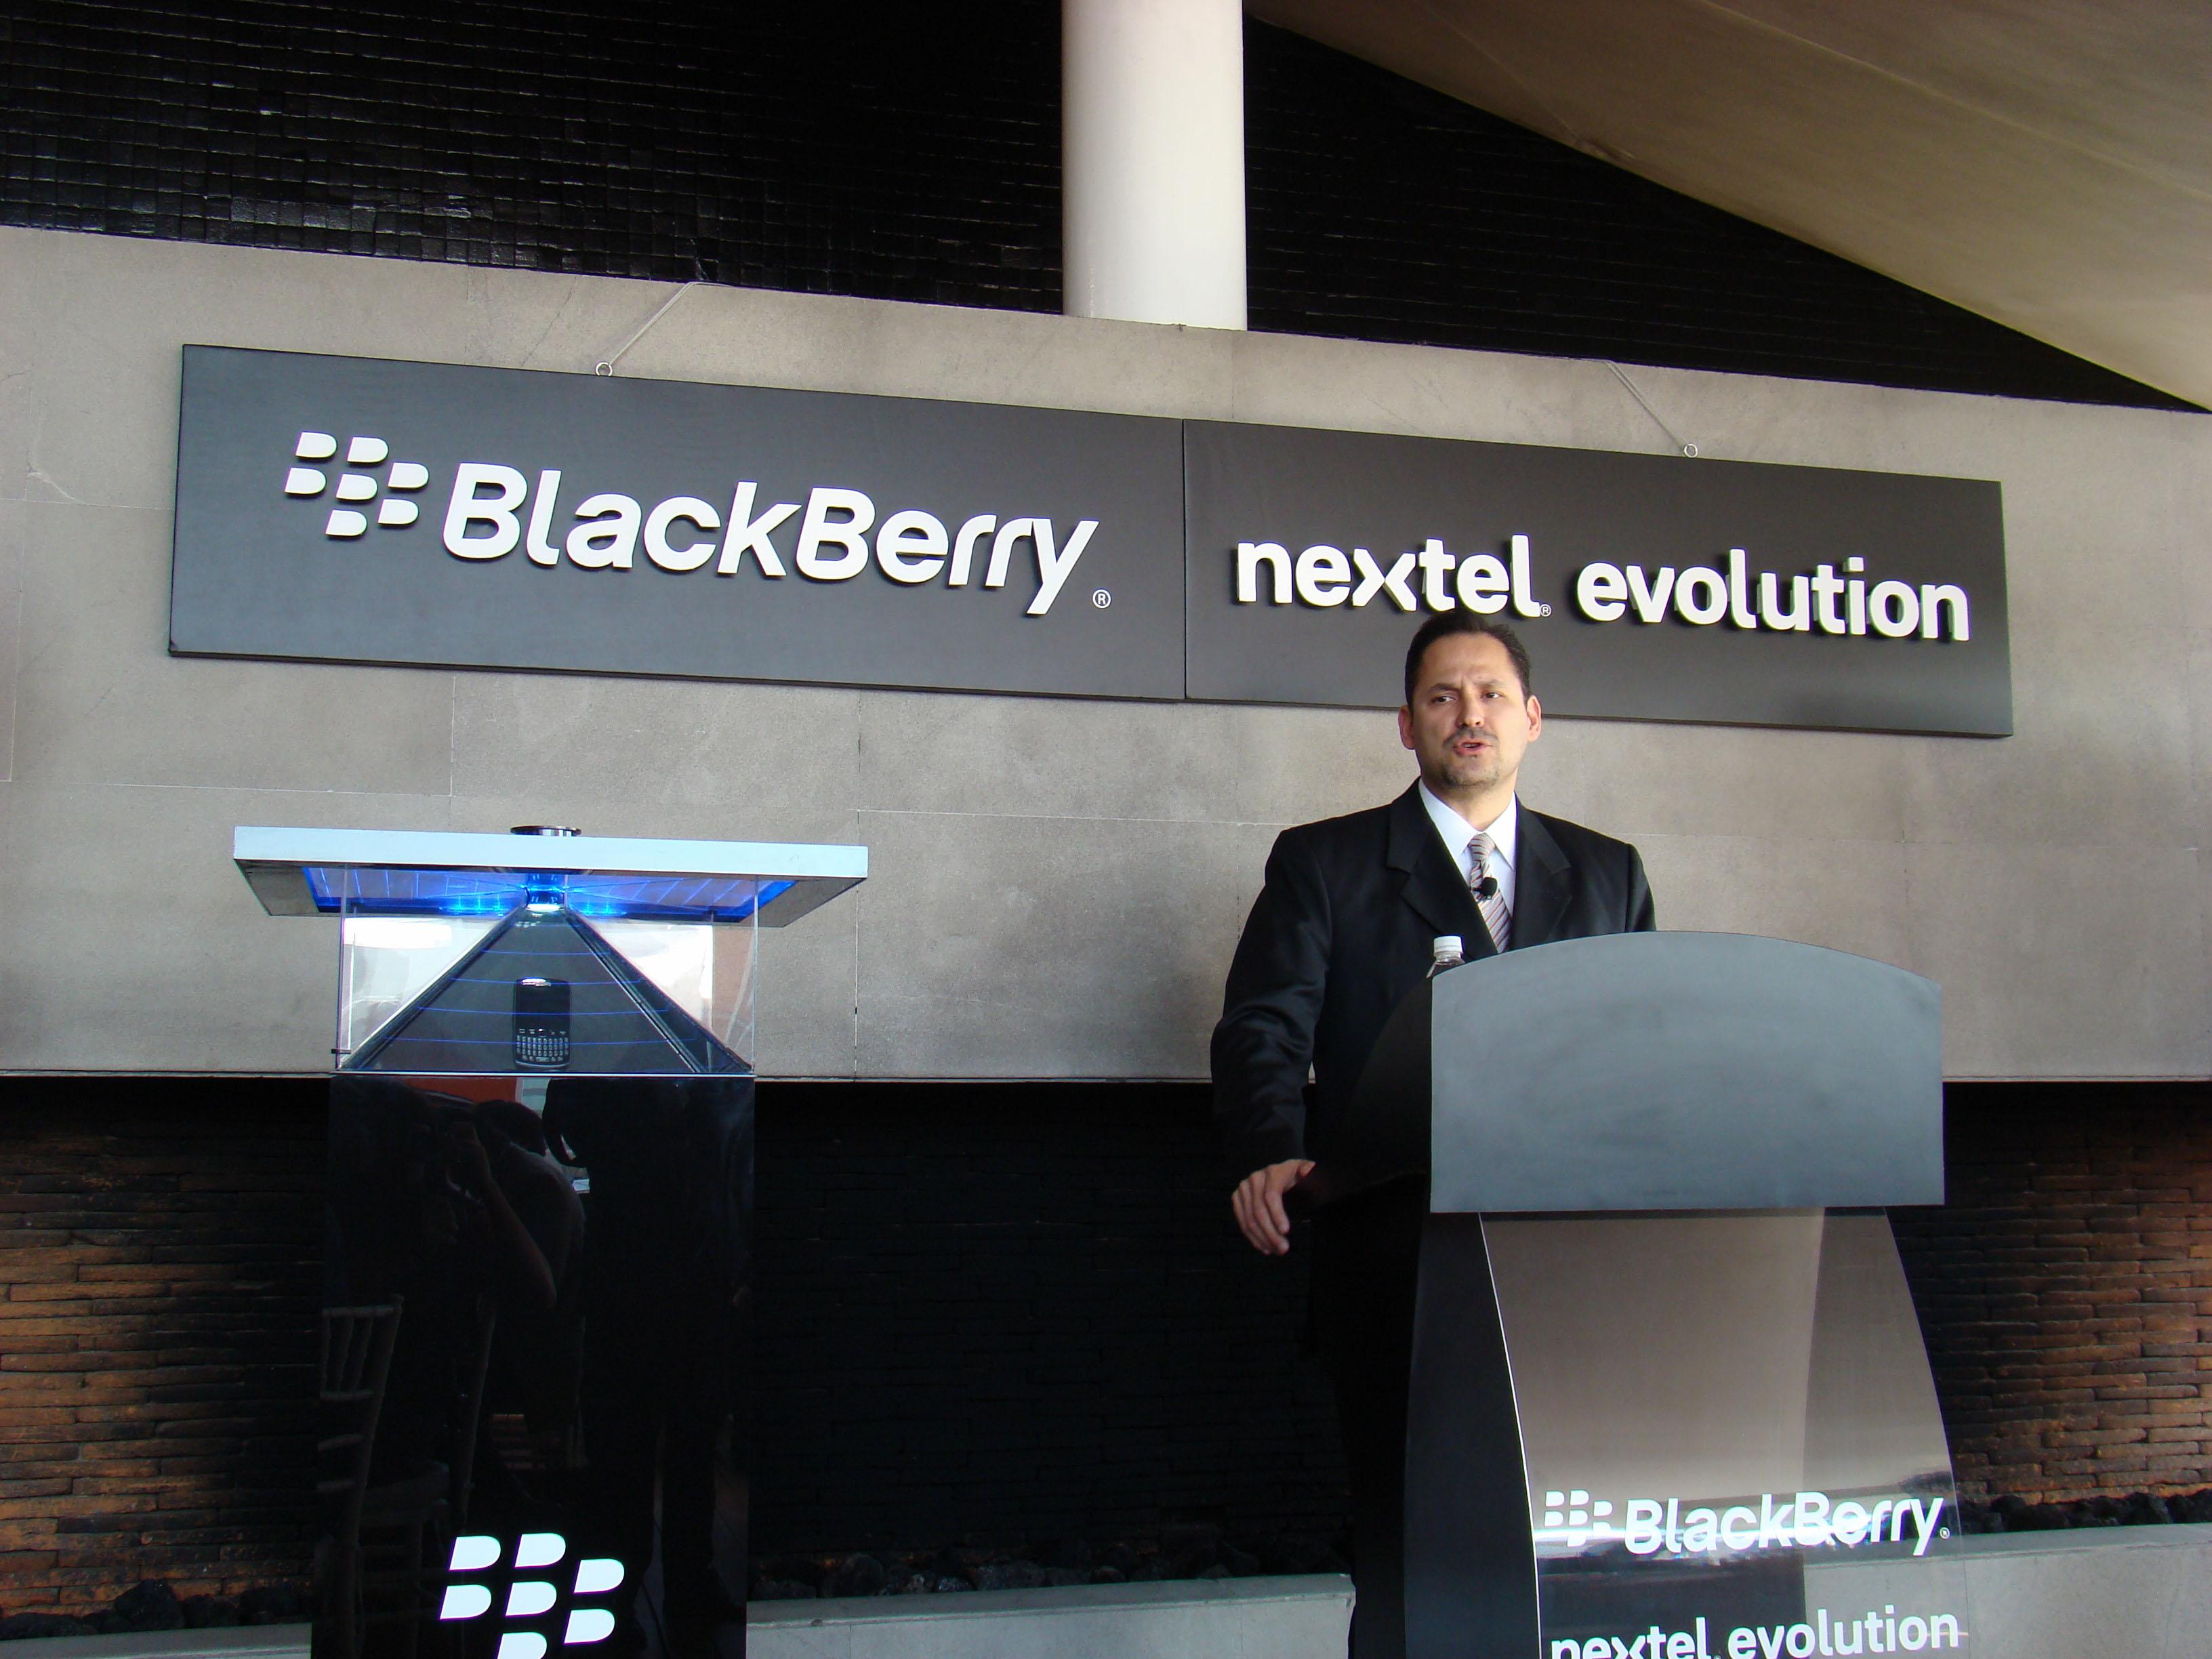 blackberry-nextel-11